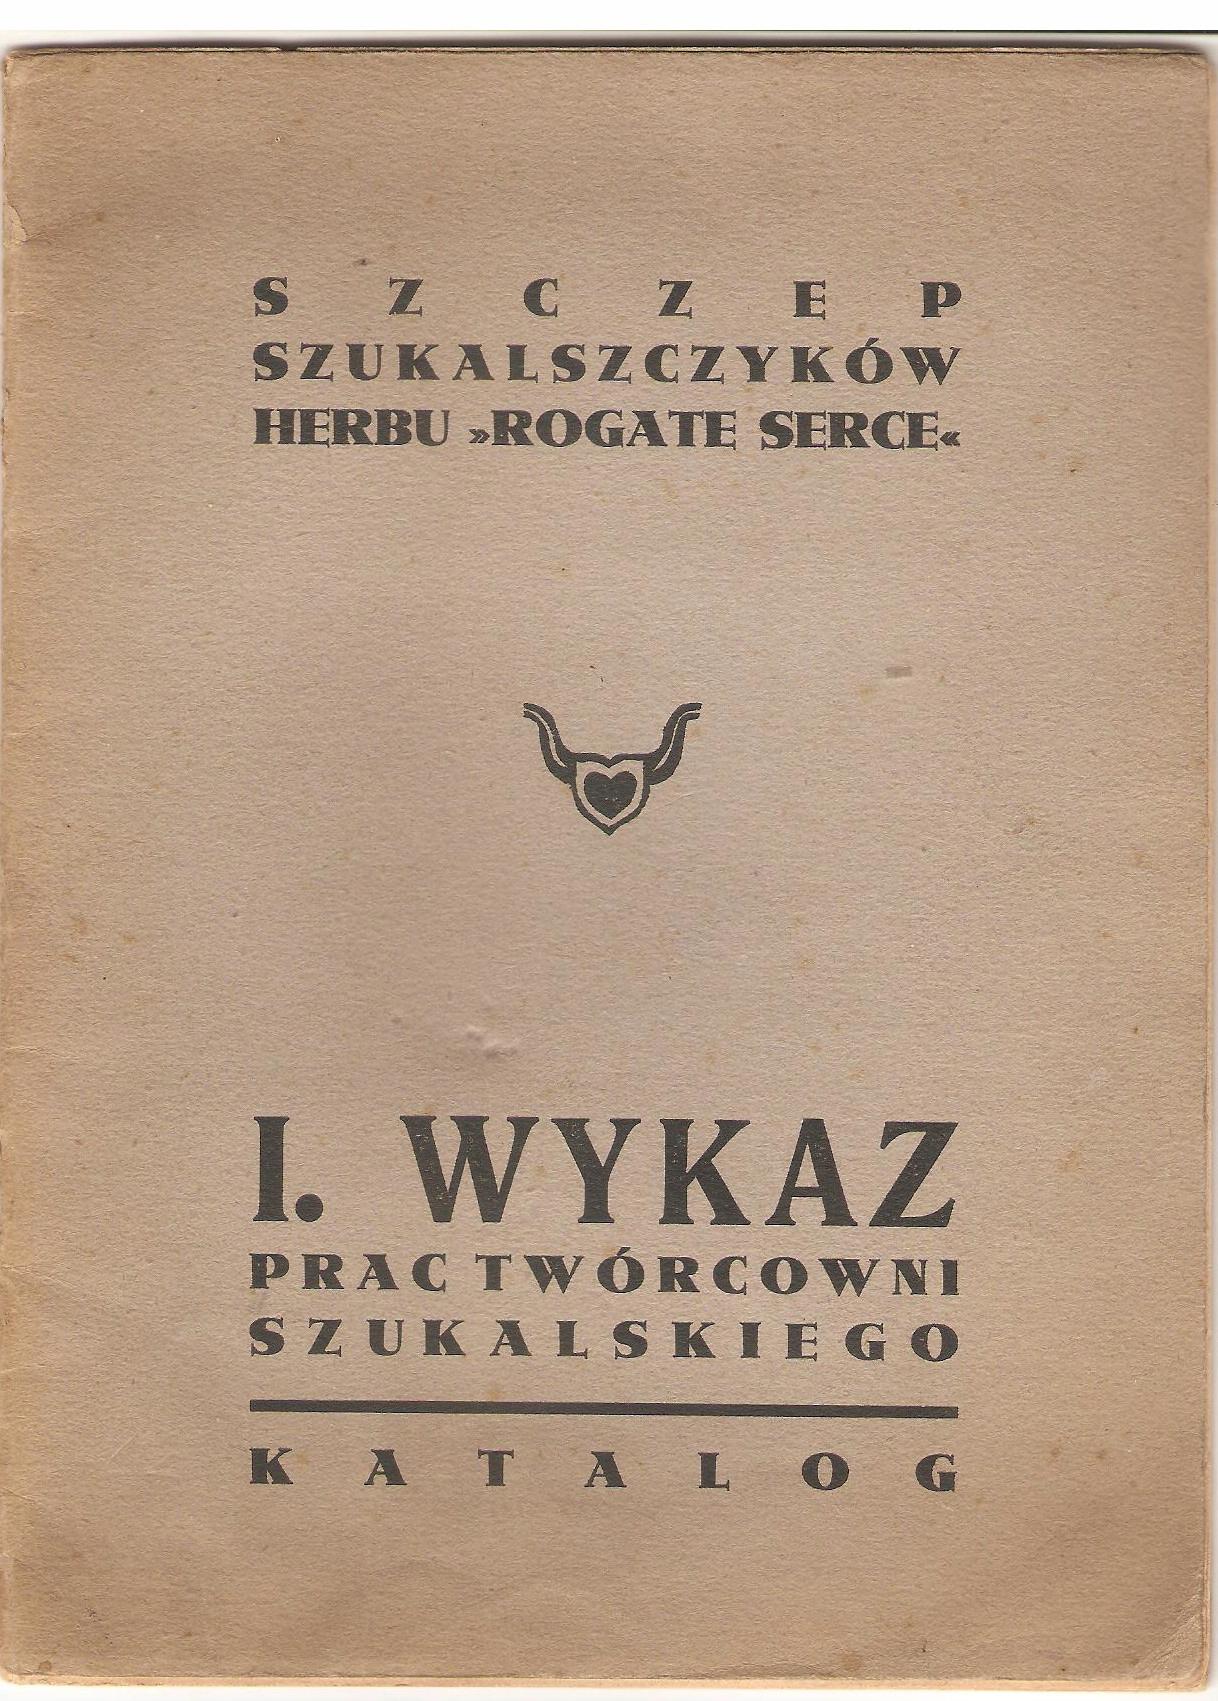 Stanisław Szukalski, I. Wykaz prac Twórcowni